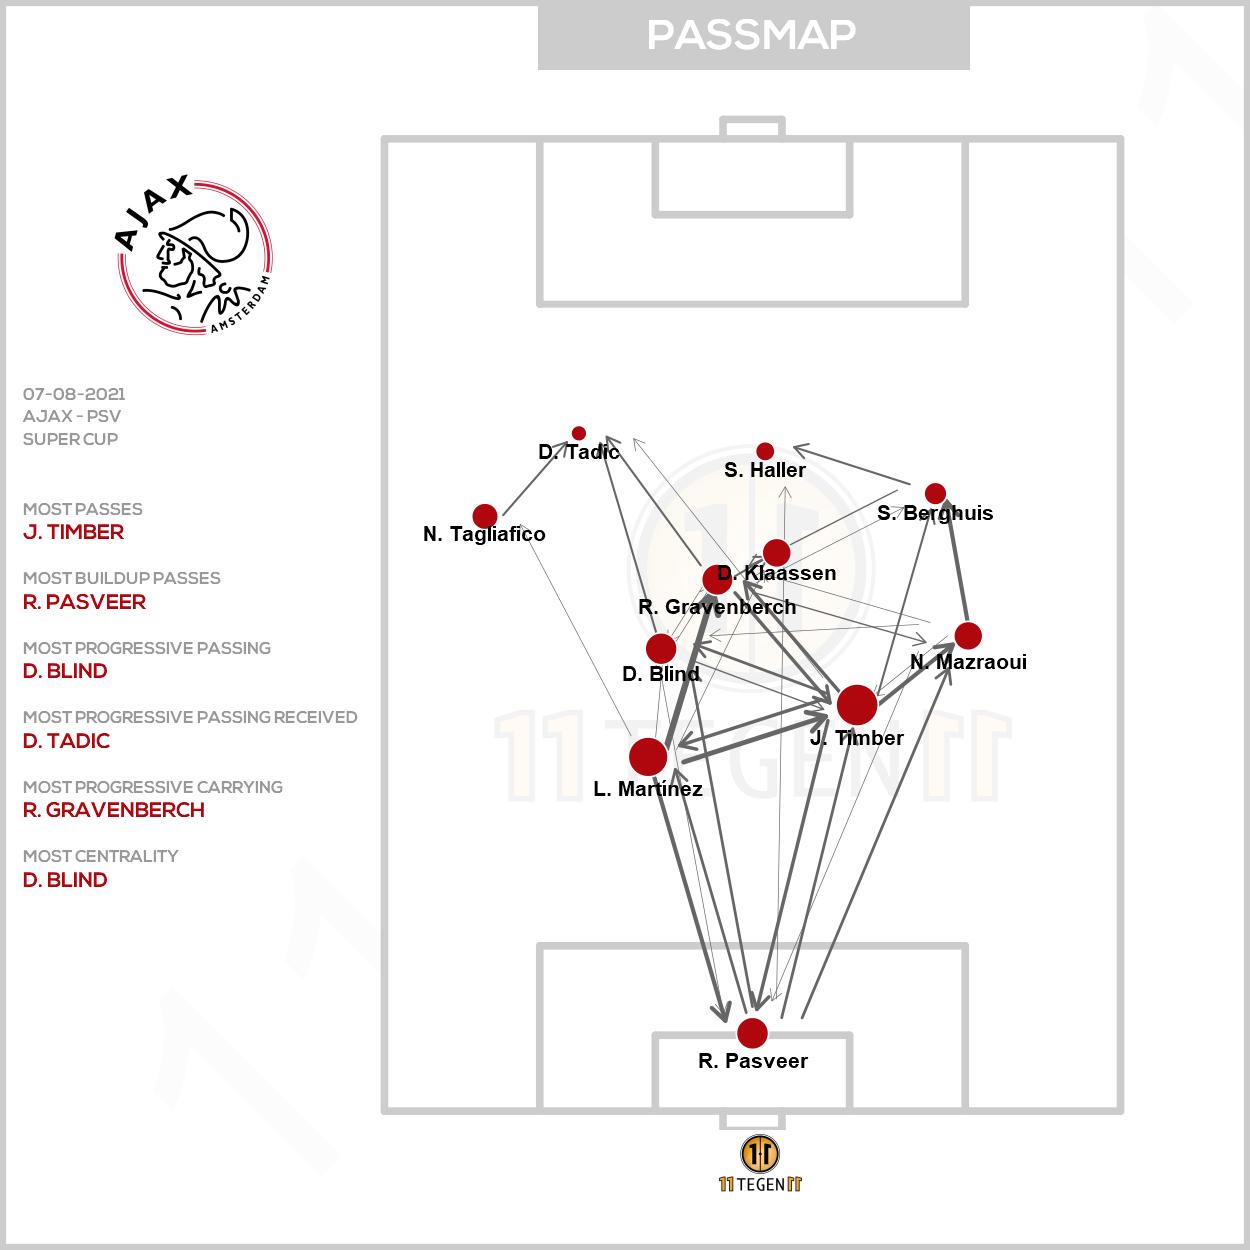 2021 08 07 Passmap Ajax Ajax 0 4 PSV